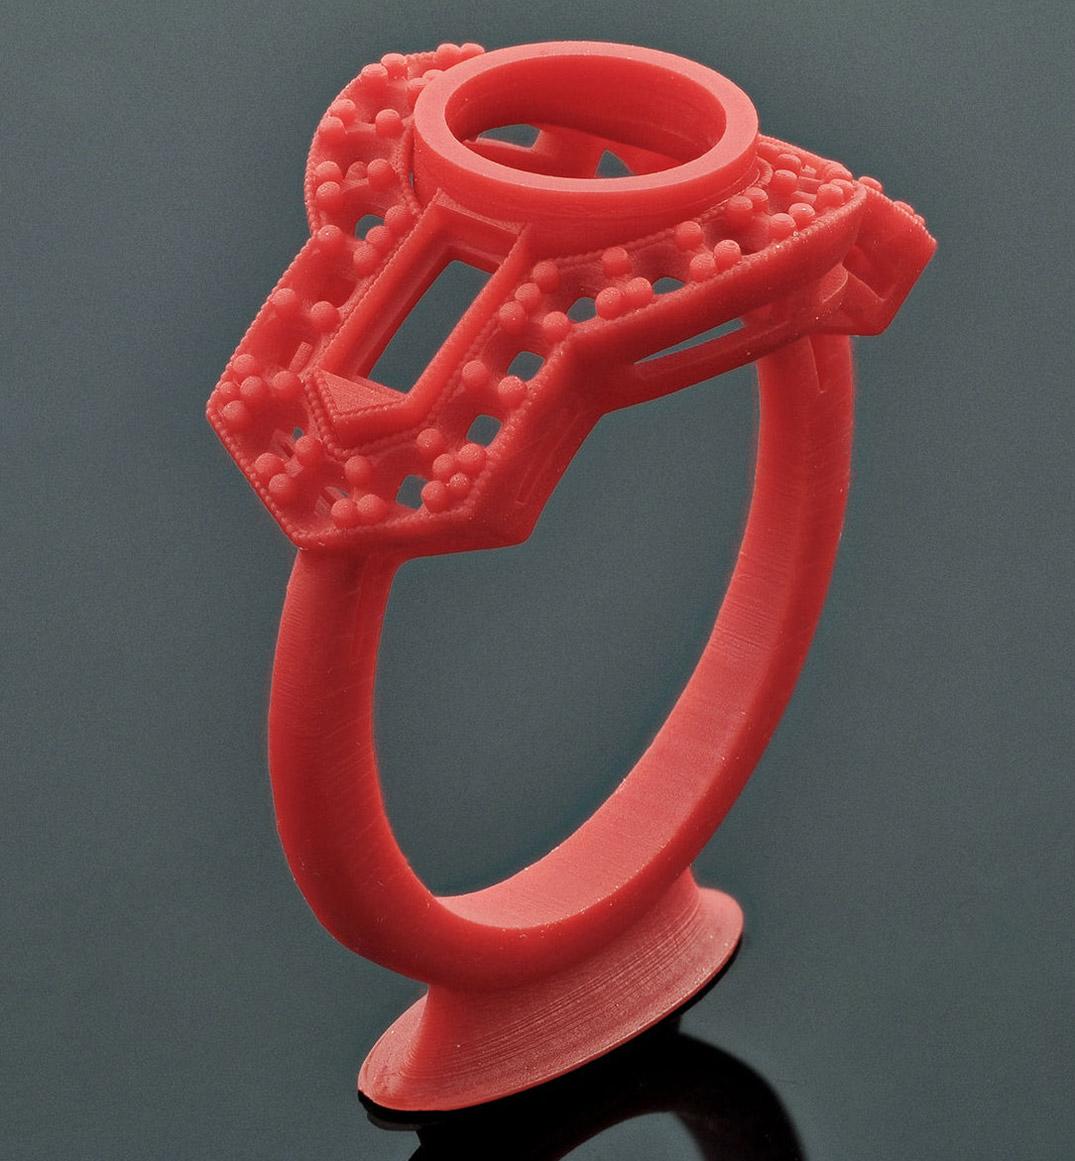 Vintage Ring - Jose Alfredo (GrabCad) - Solus DLP 3d Printer